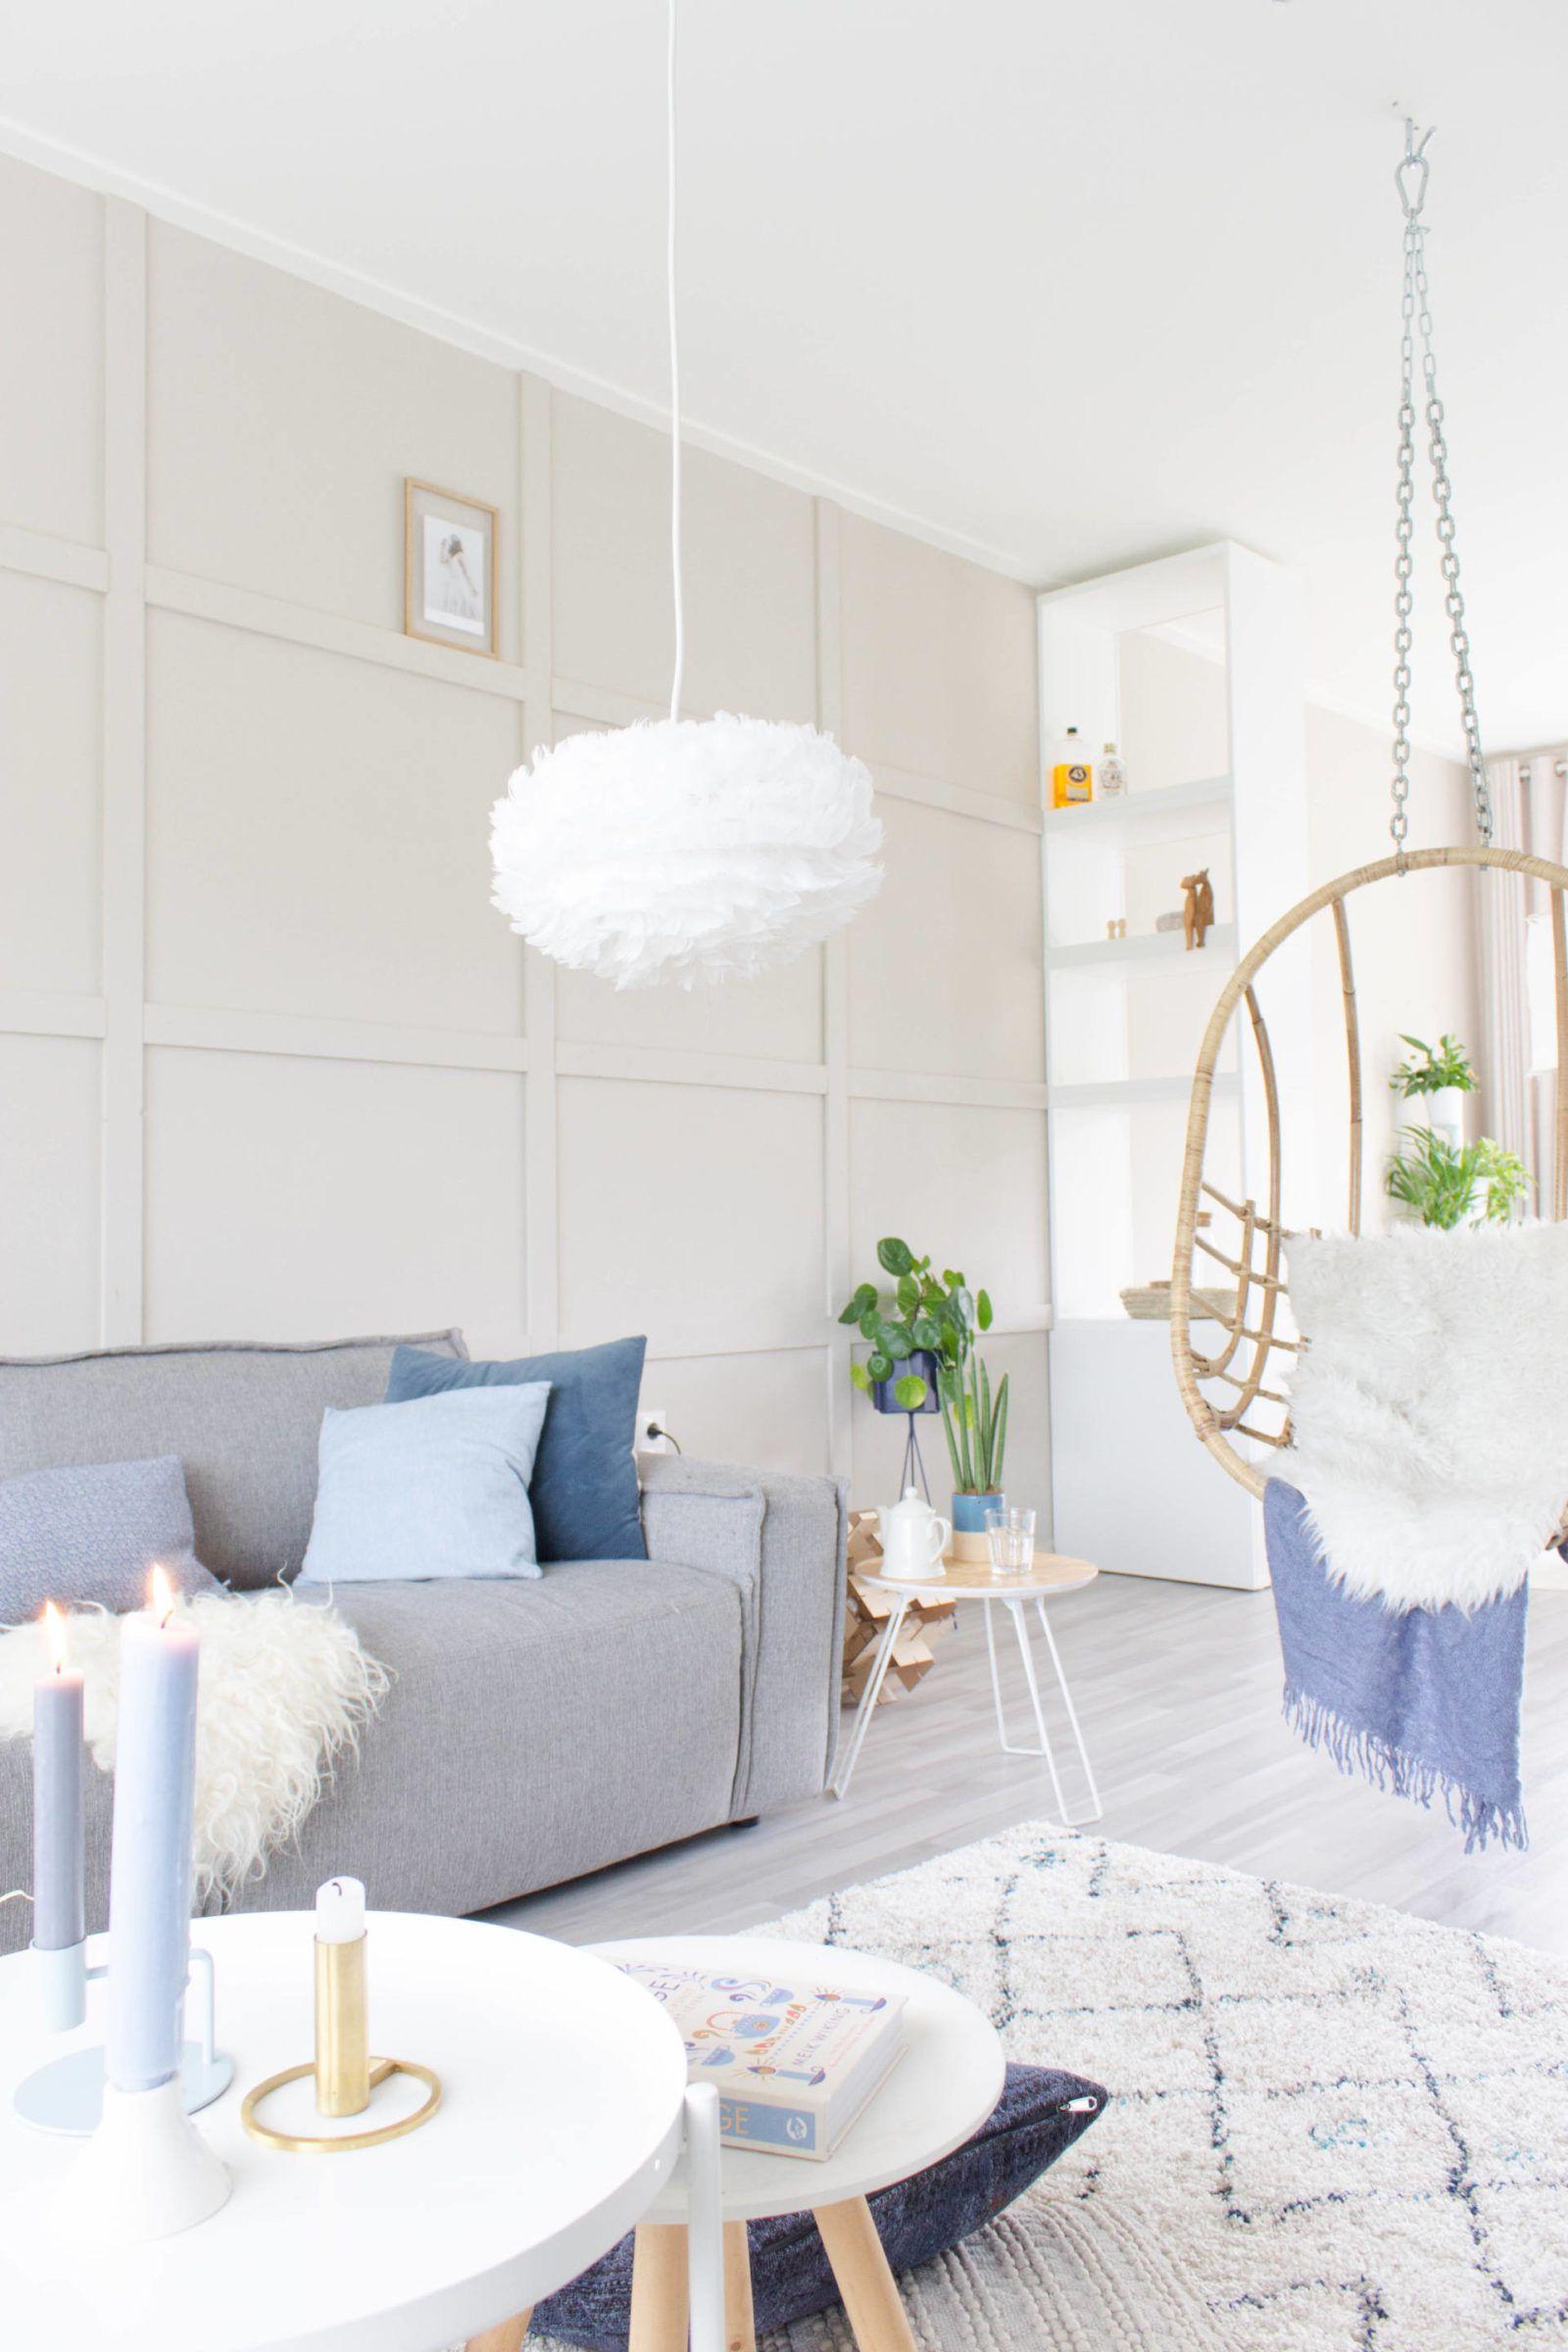 Lichtveertjes + Winactie  Juudithhome Interior & Lifestyle Blog